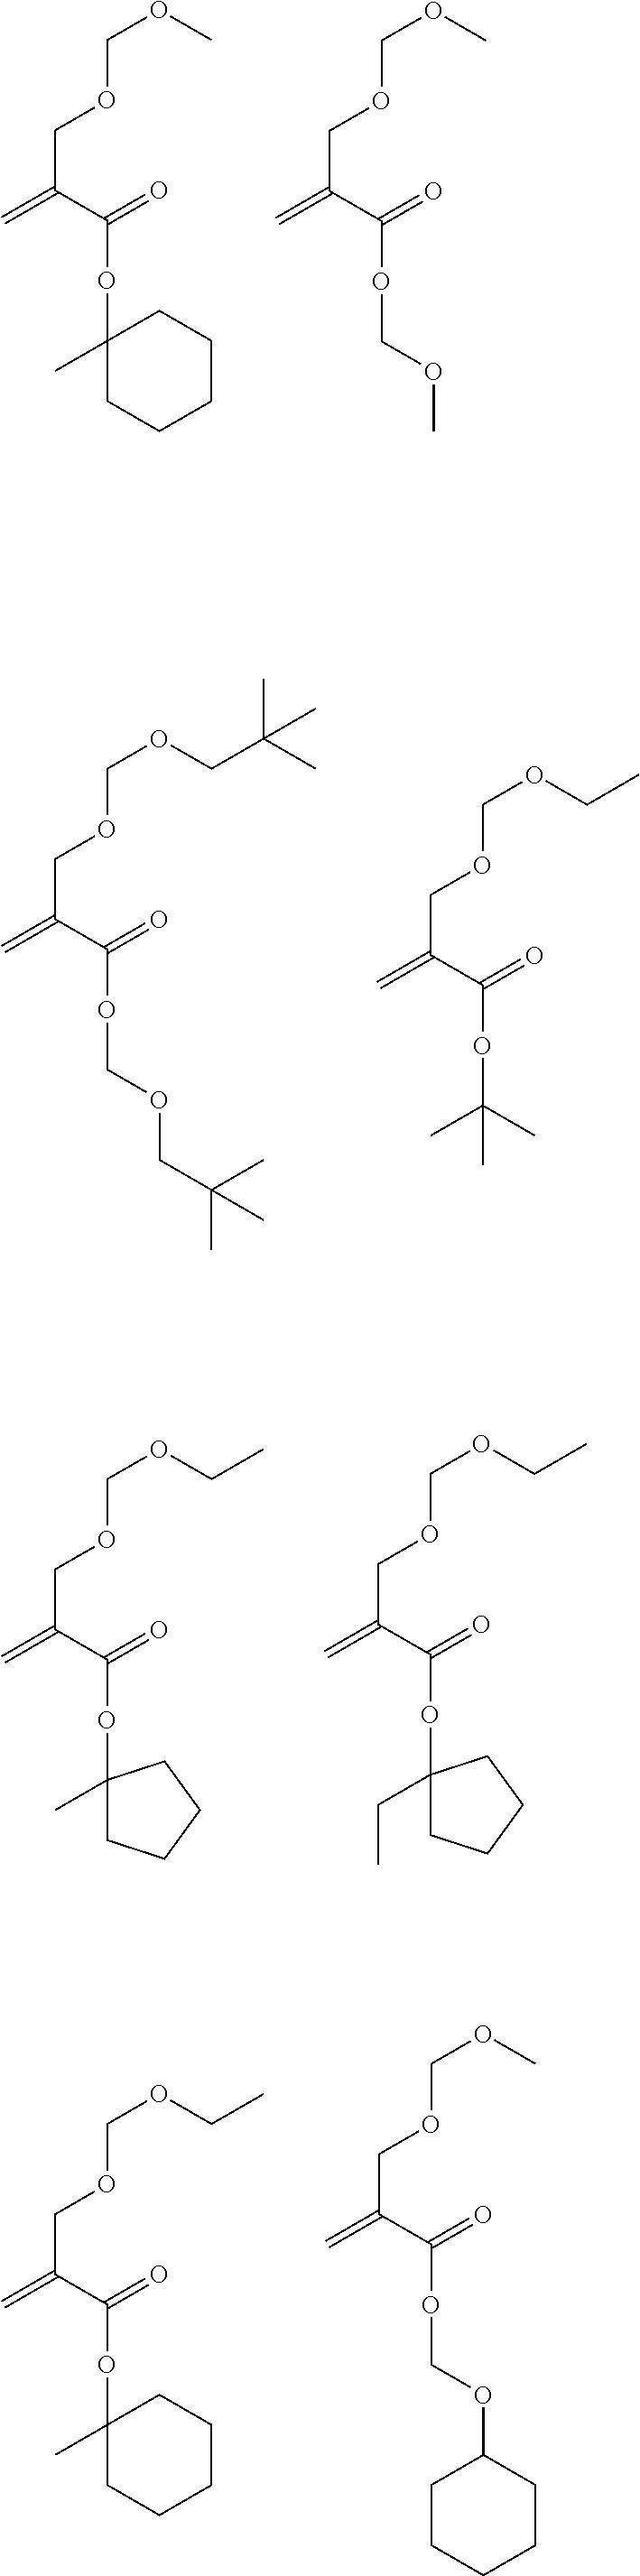 Figure US08822136-20140902-C00091